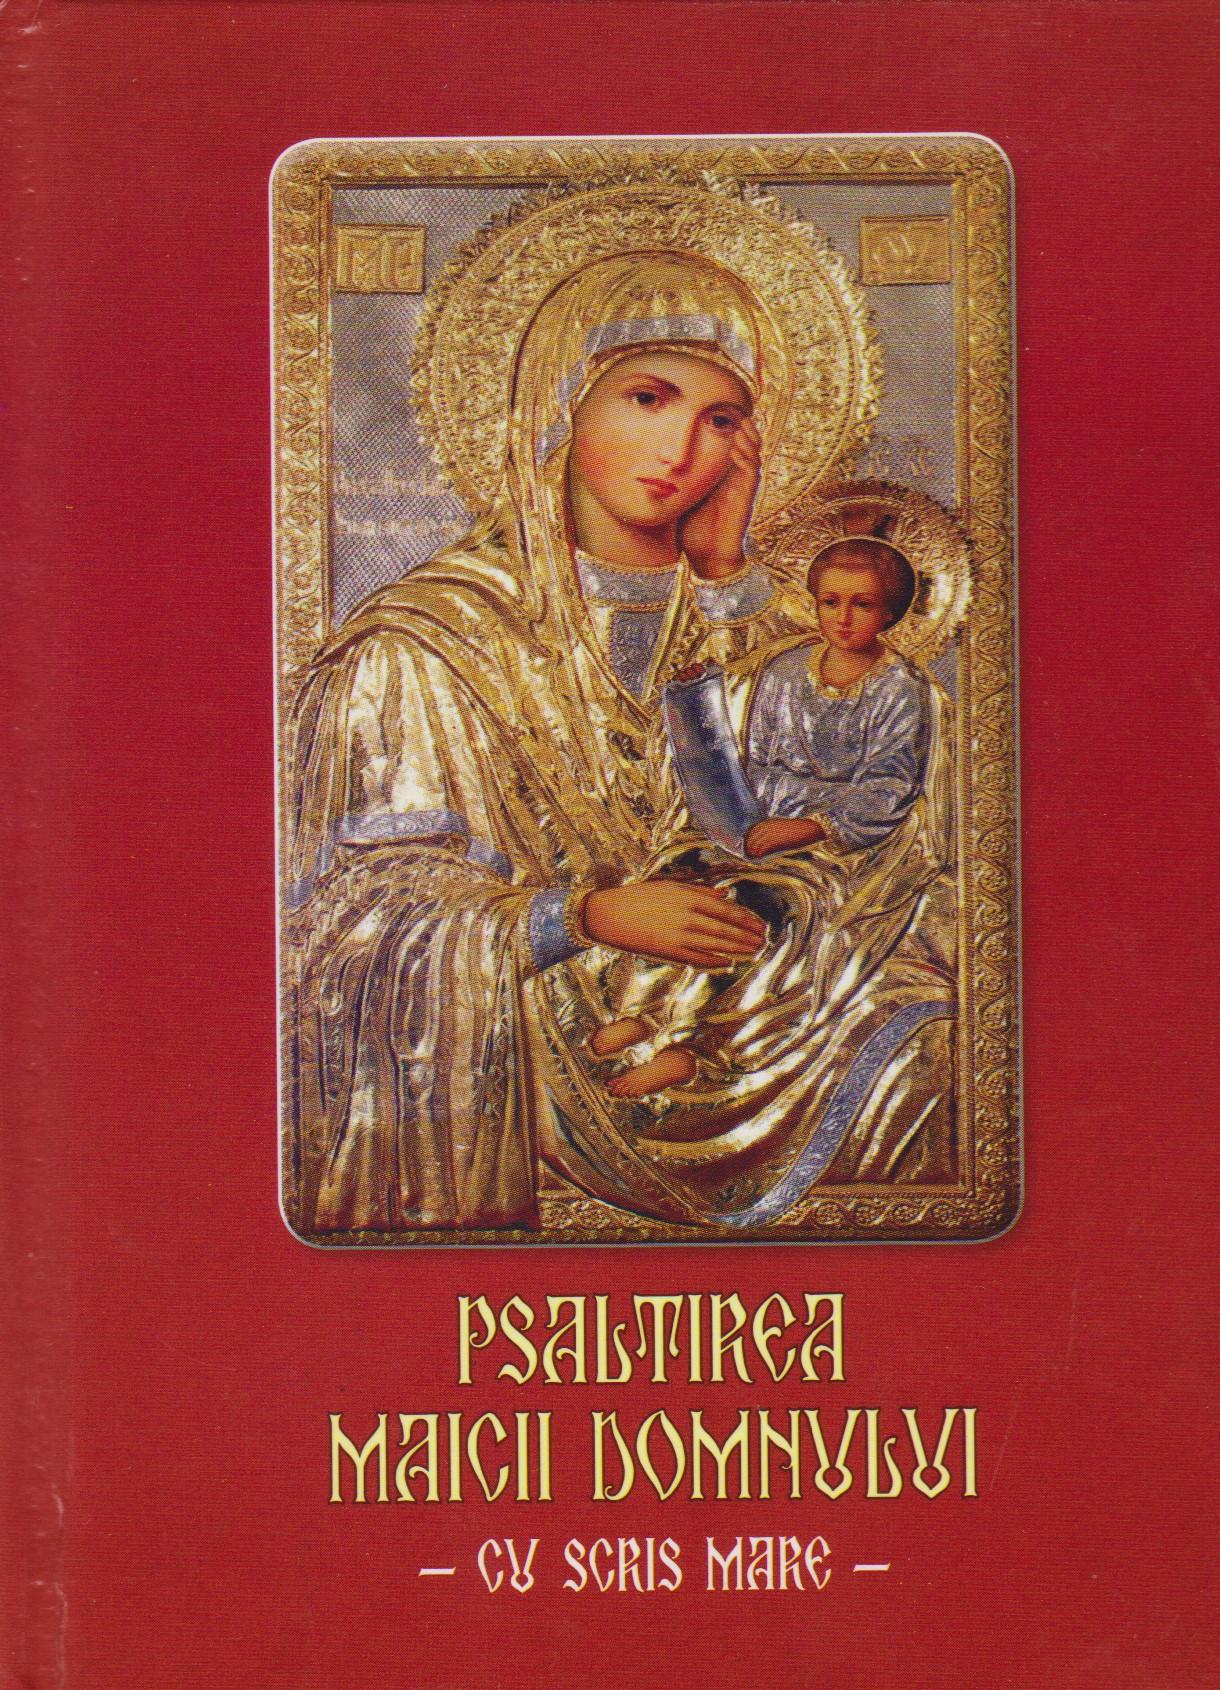 Psaltirea Maicii Domnului (cartonata, scris mare)